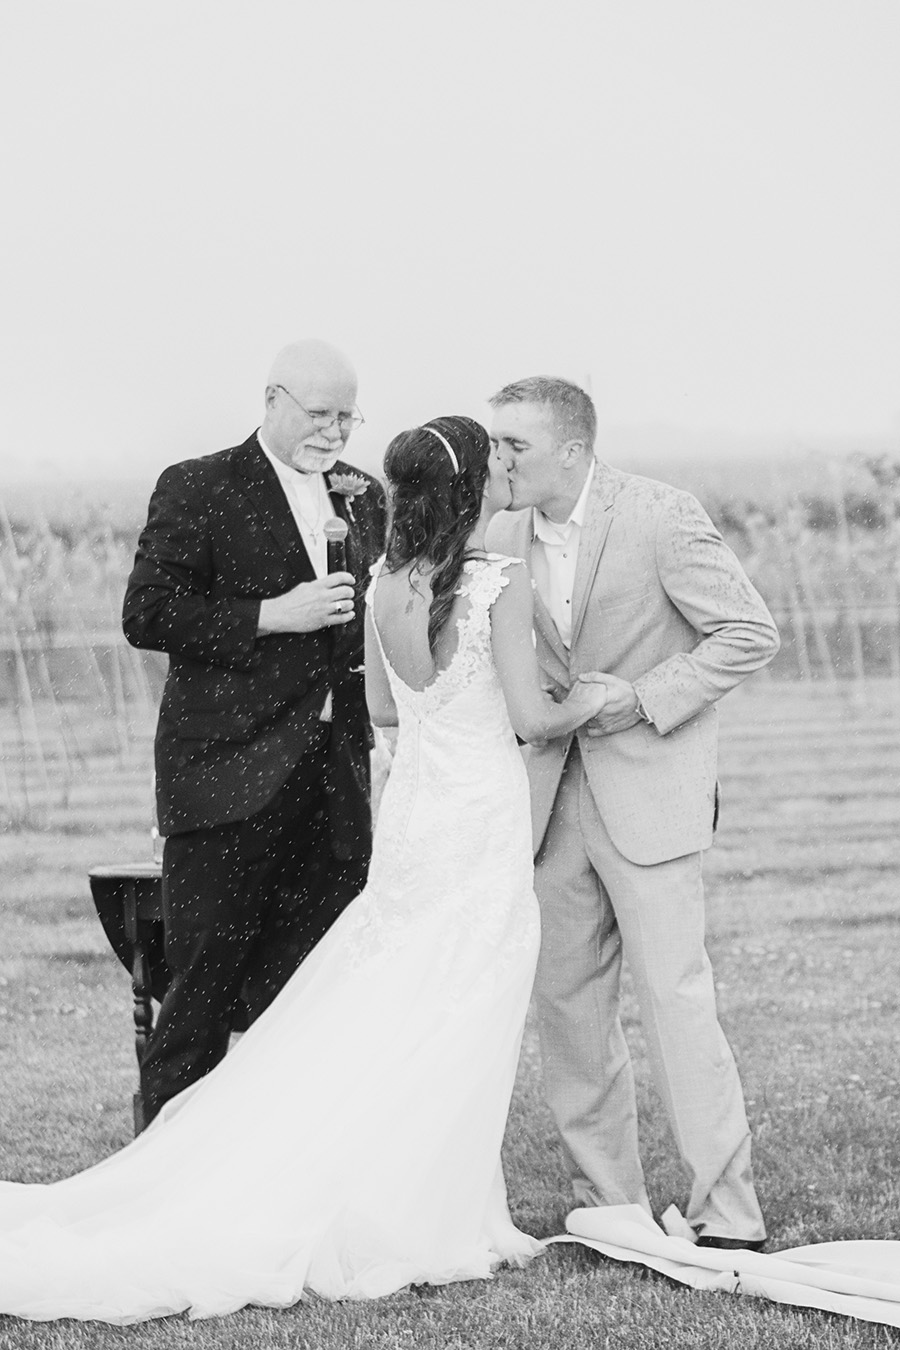 Rainy wedding day | Palisade Winery Wedding Photographer